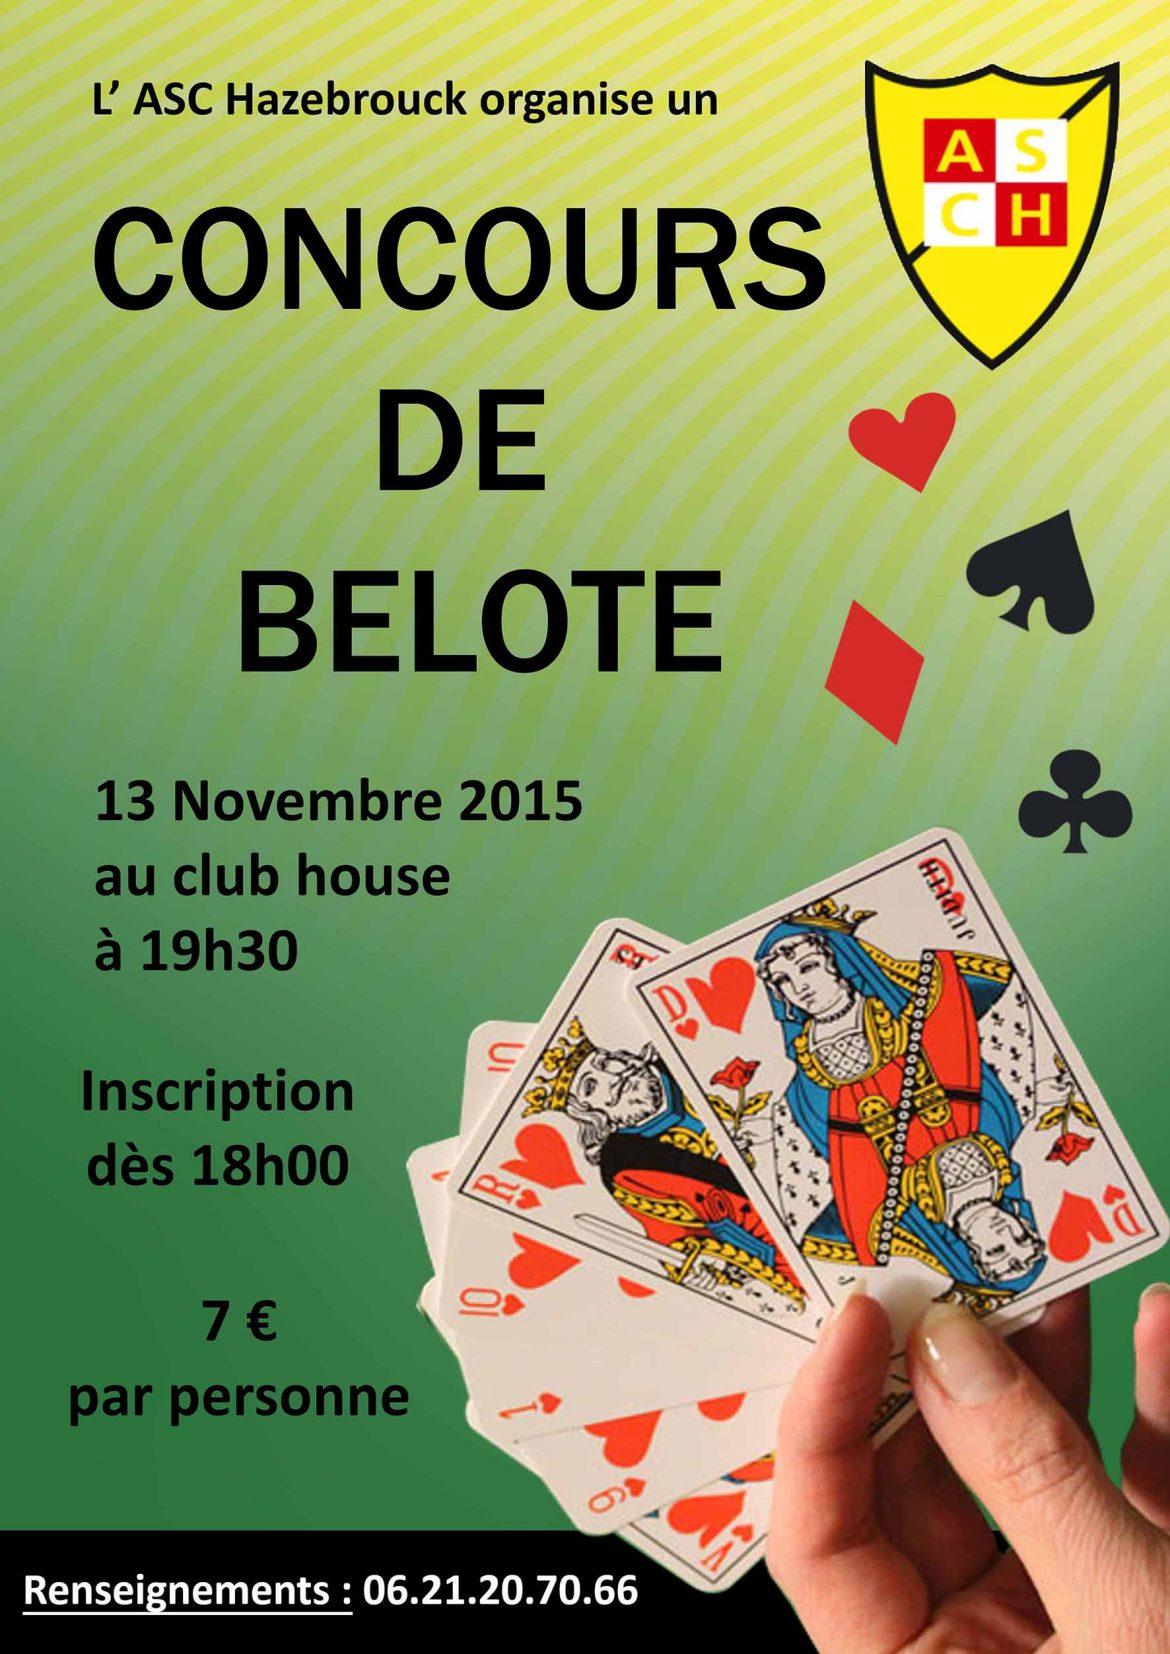 Concours de belote le 13 novembre 2015 à Hazebrouck (59)